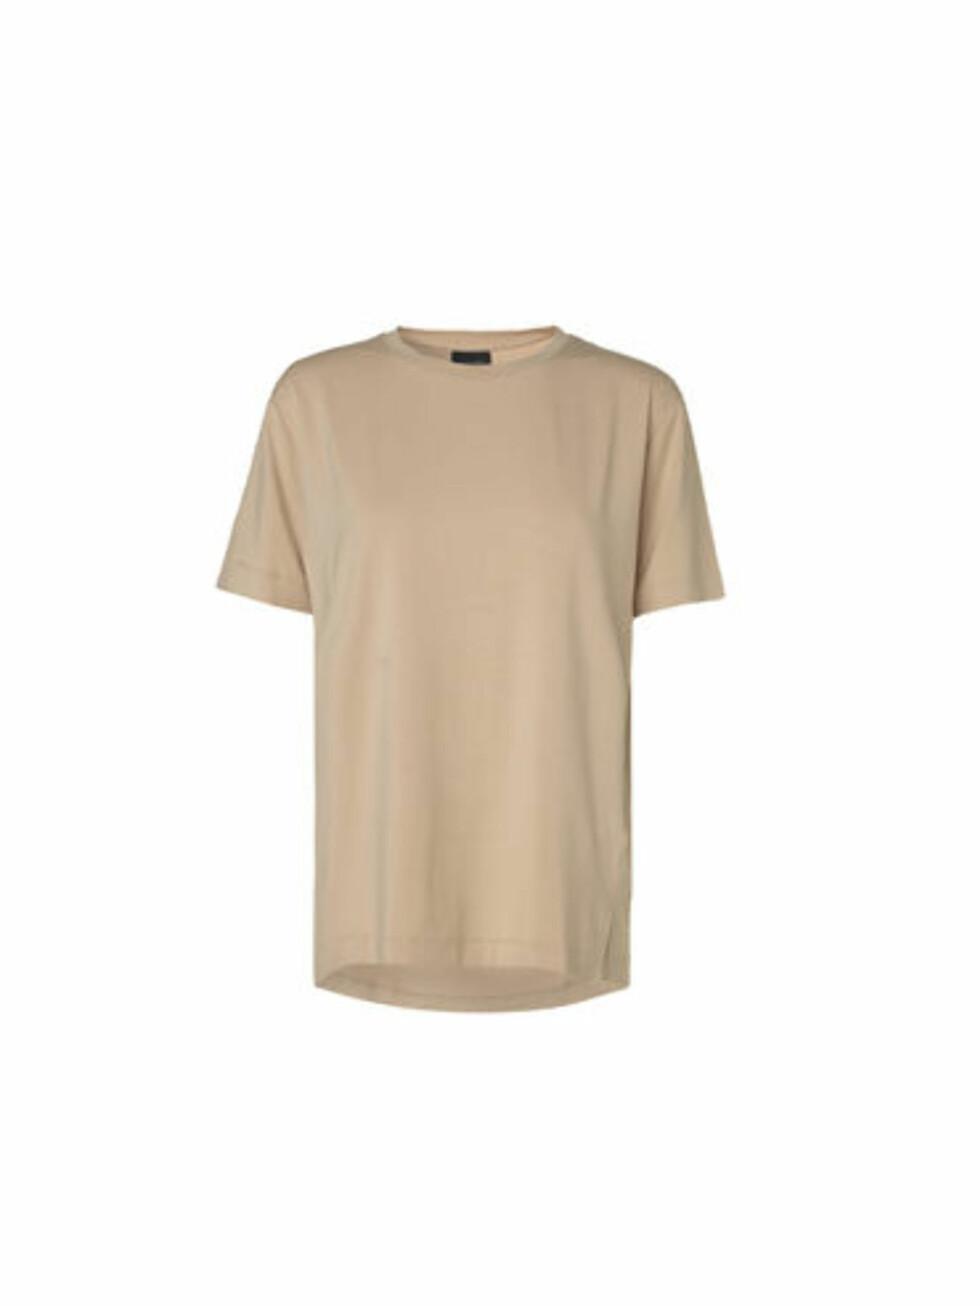 T-skjorte fra By Malene Birger, kr 700. Foto: Produsenten